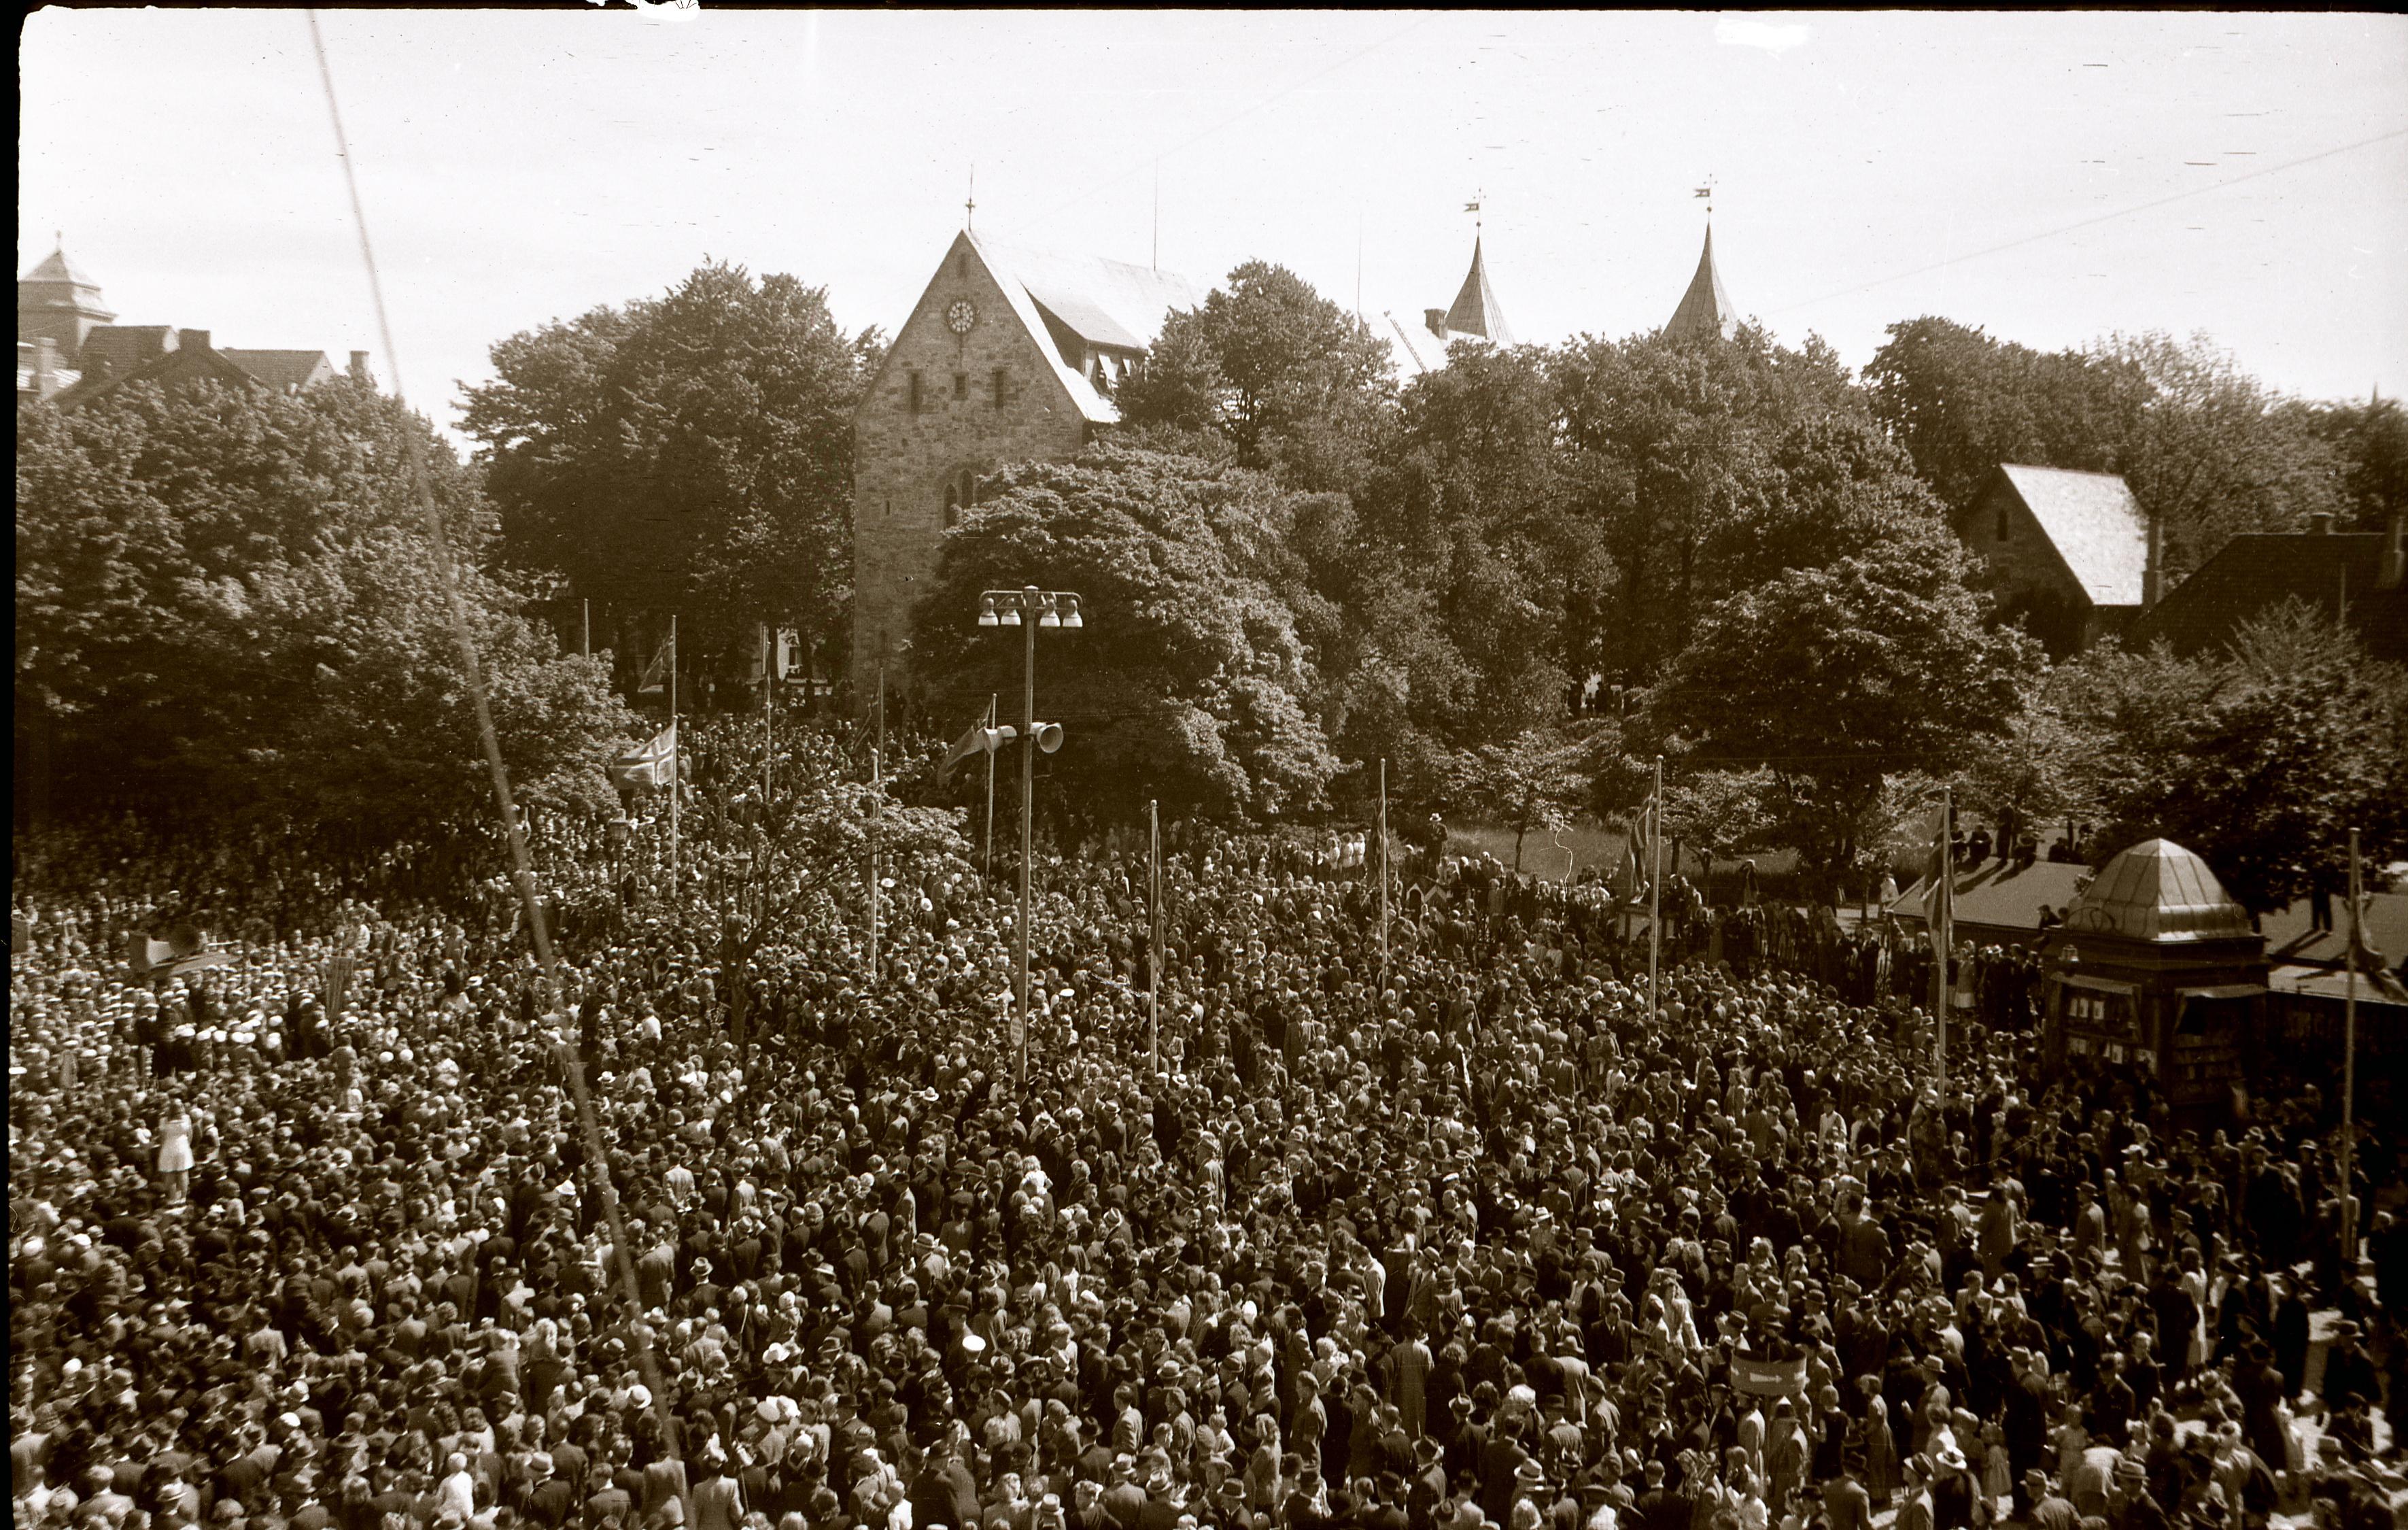 Frigjøringen-1945.jpg#asset:14417